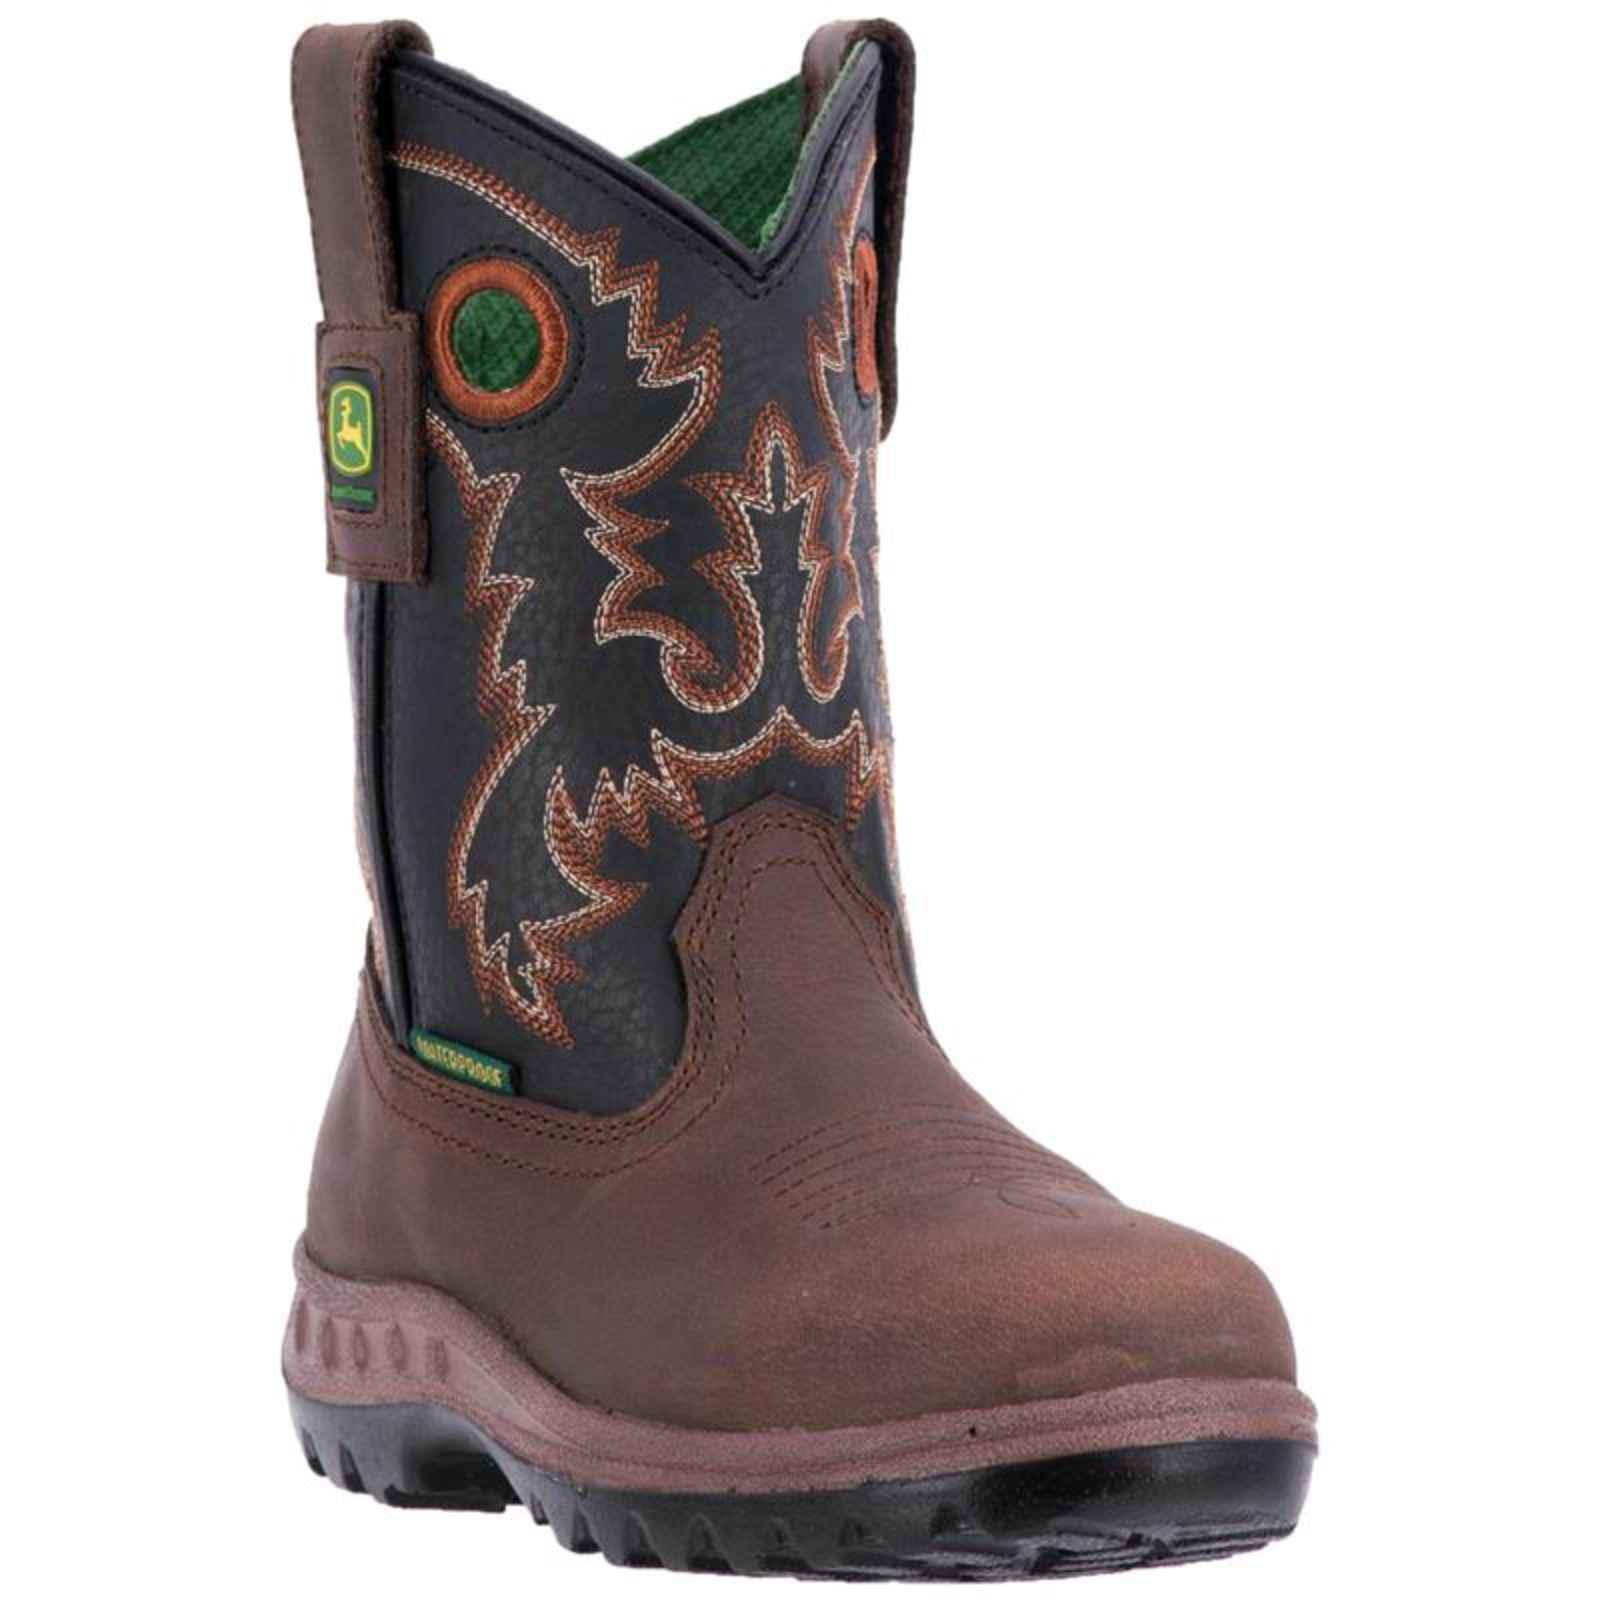 John Deere Baby Jd3410 Western Boot, Brown, 5 Medium US Big Kid